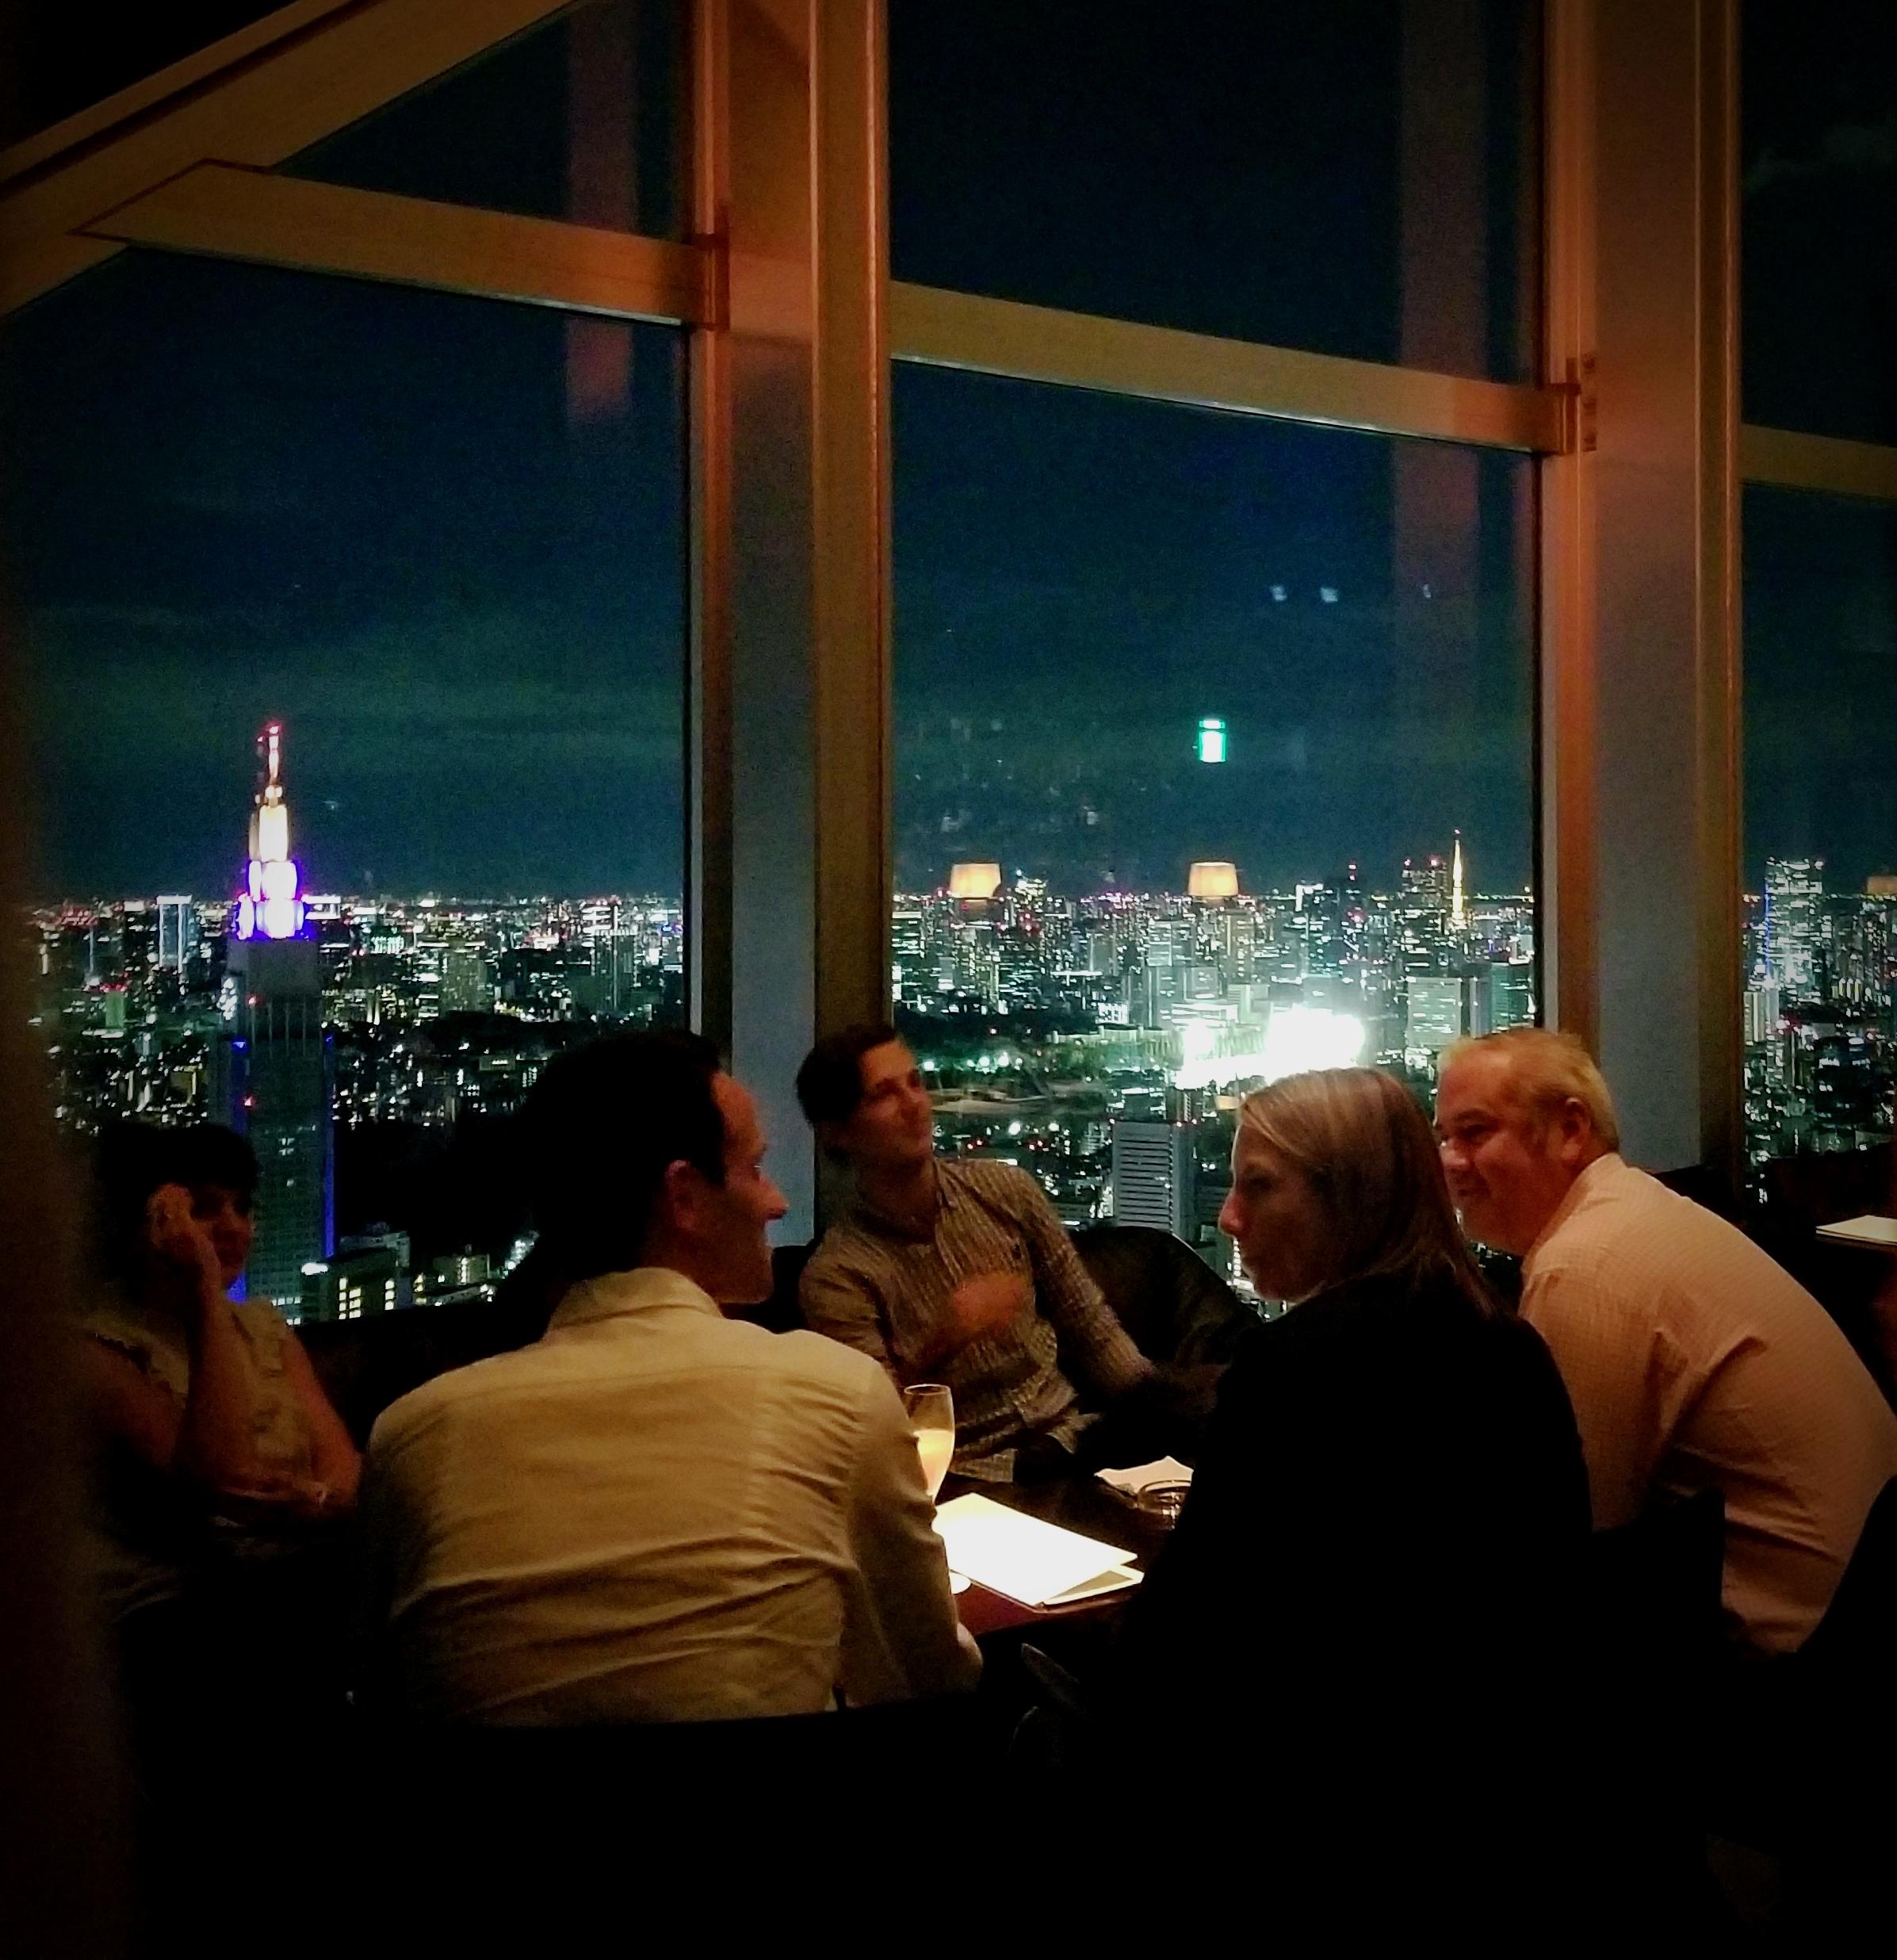 uprooted-traveler-foolproof-guide-to-tokyo-new-york-bar-shinjuku